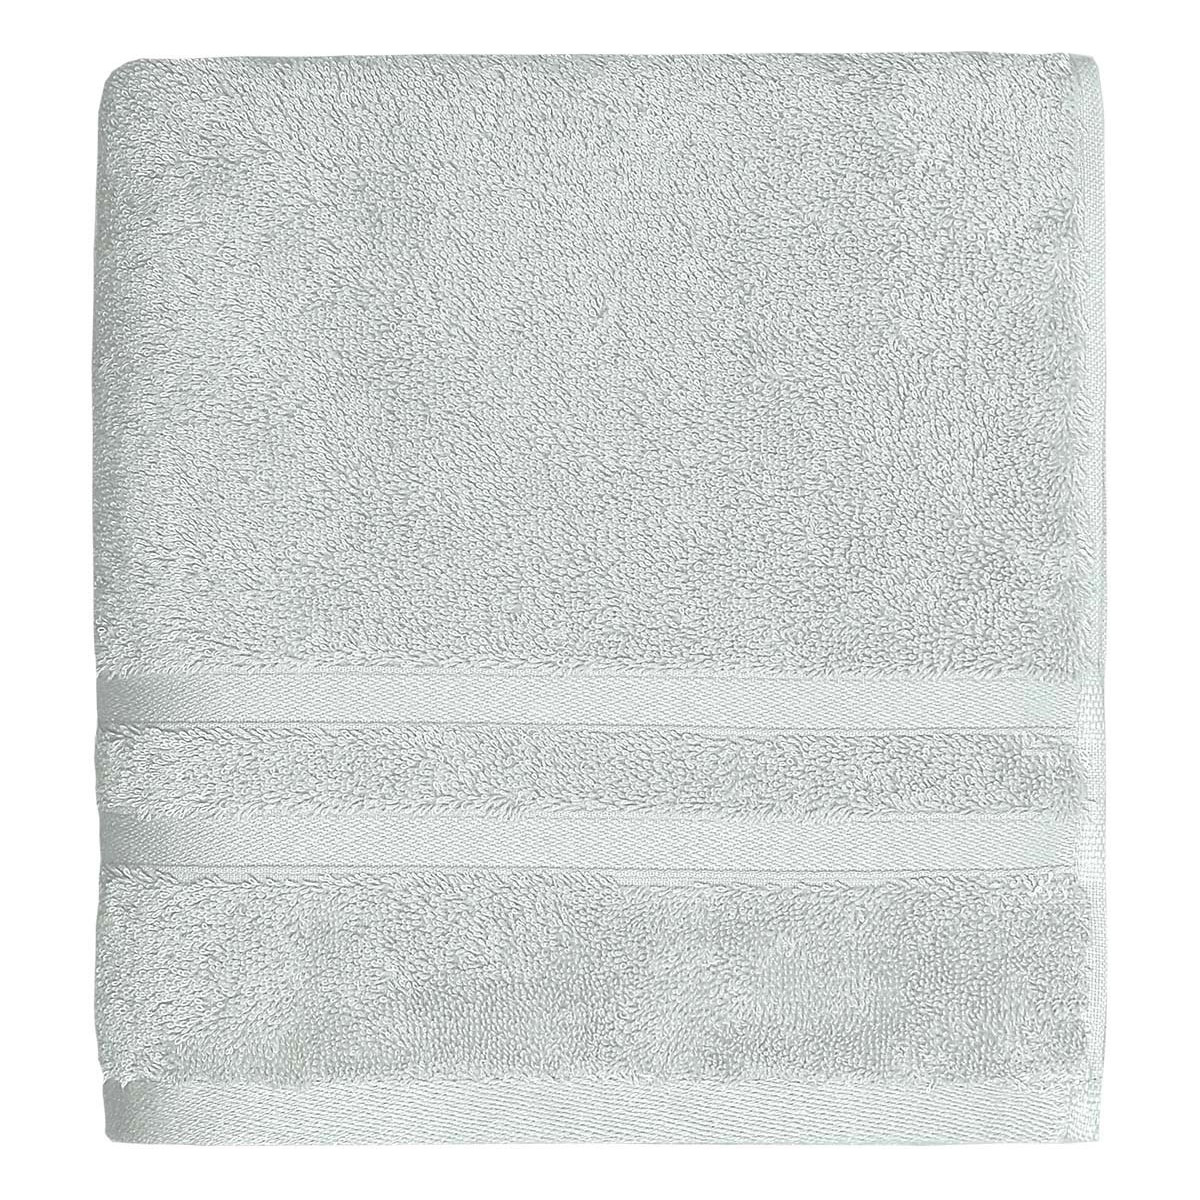 Drap de bain 600gr/m² Gris 70x140 cm